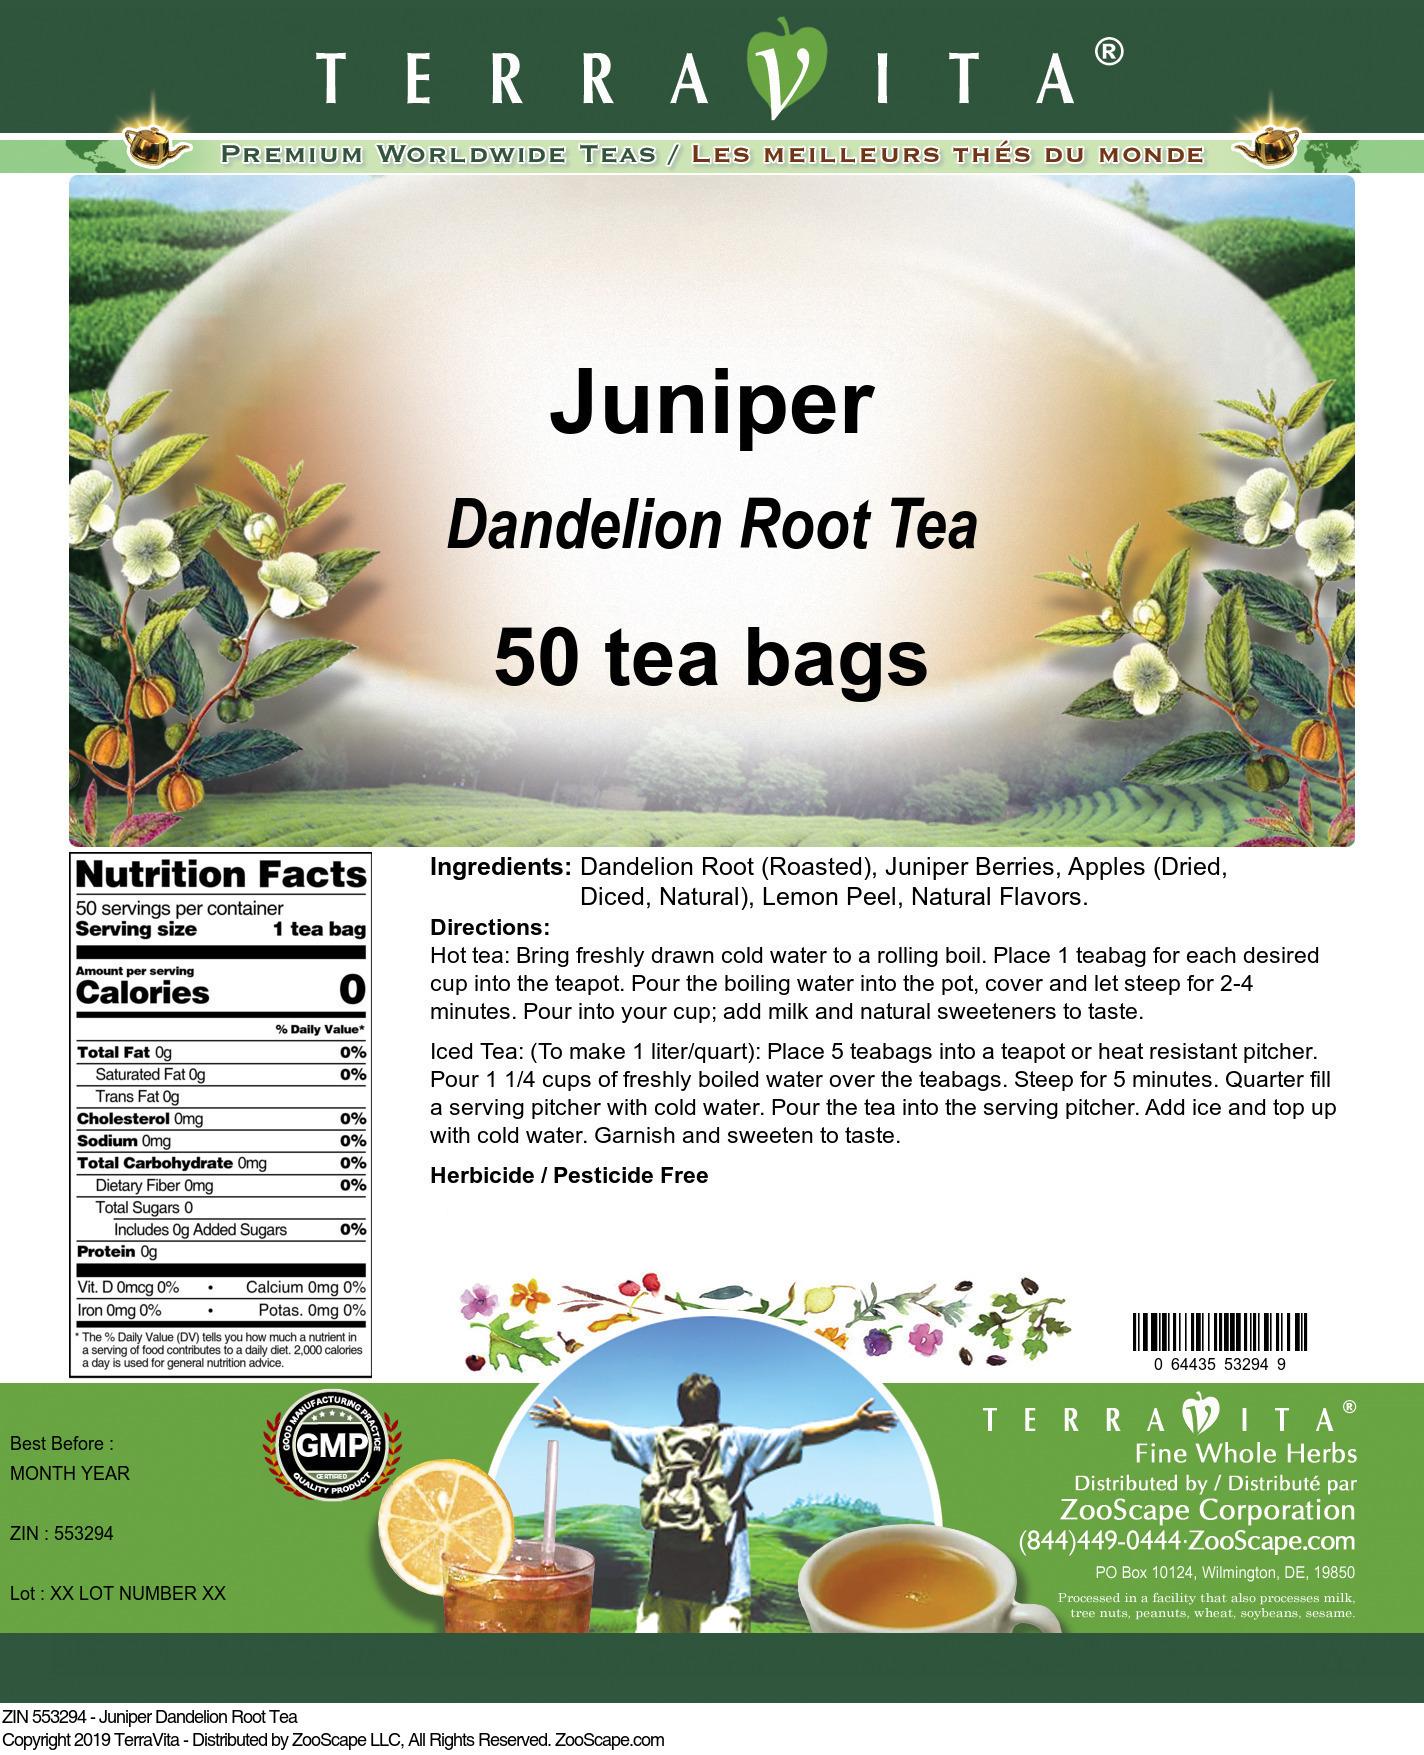 Juniper Dandelion Root